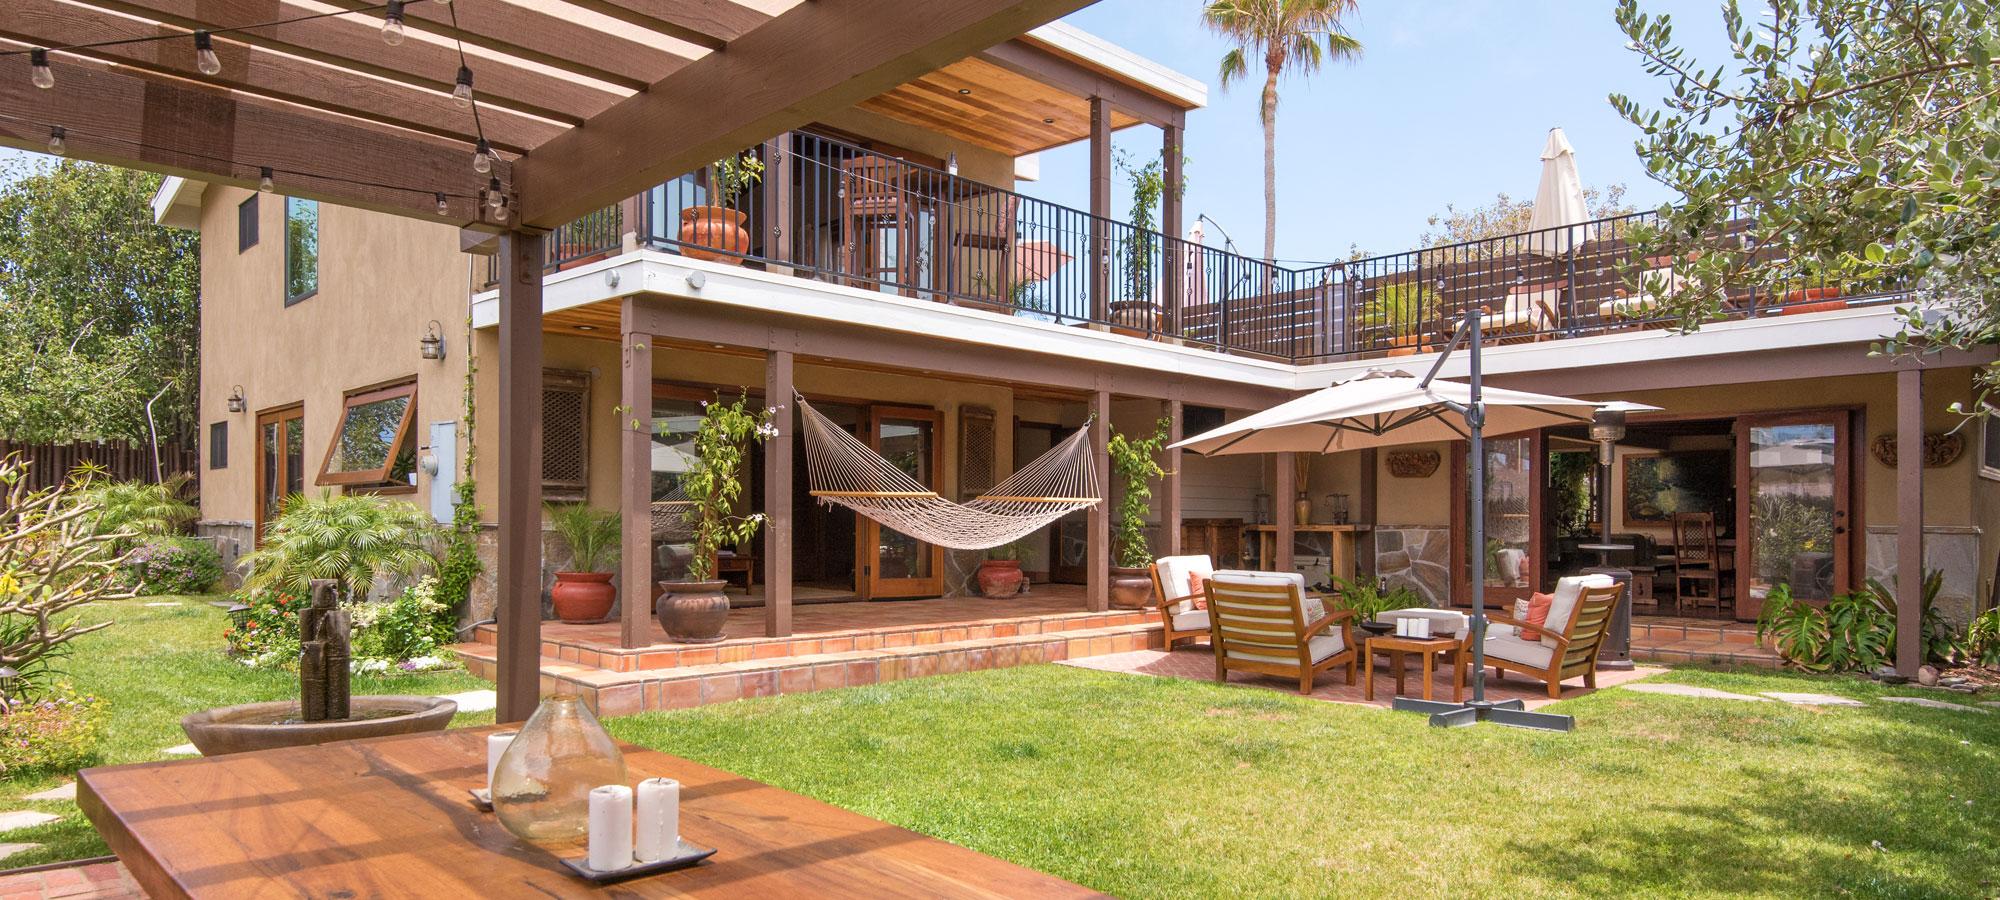 1016 Tarento Dr, San Diego, CA 92107